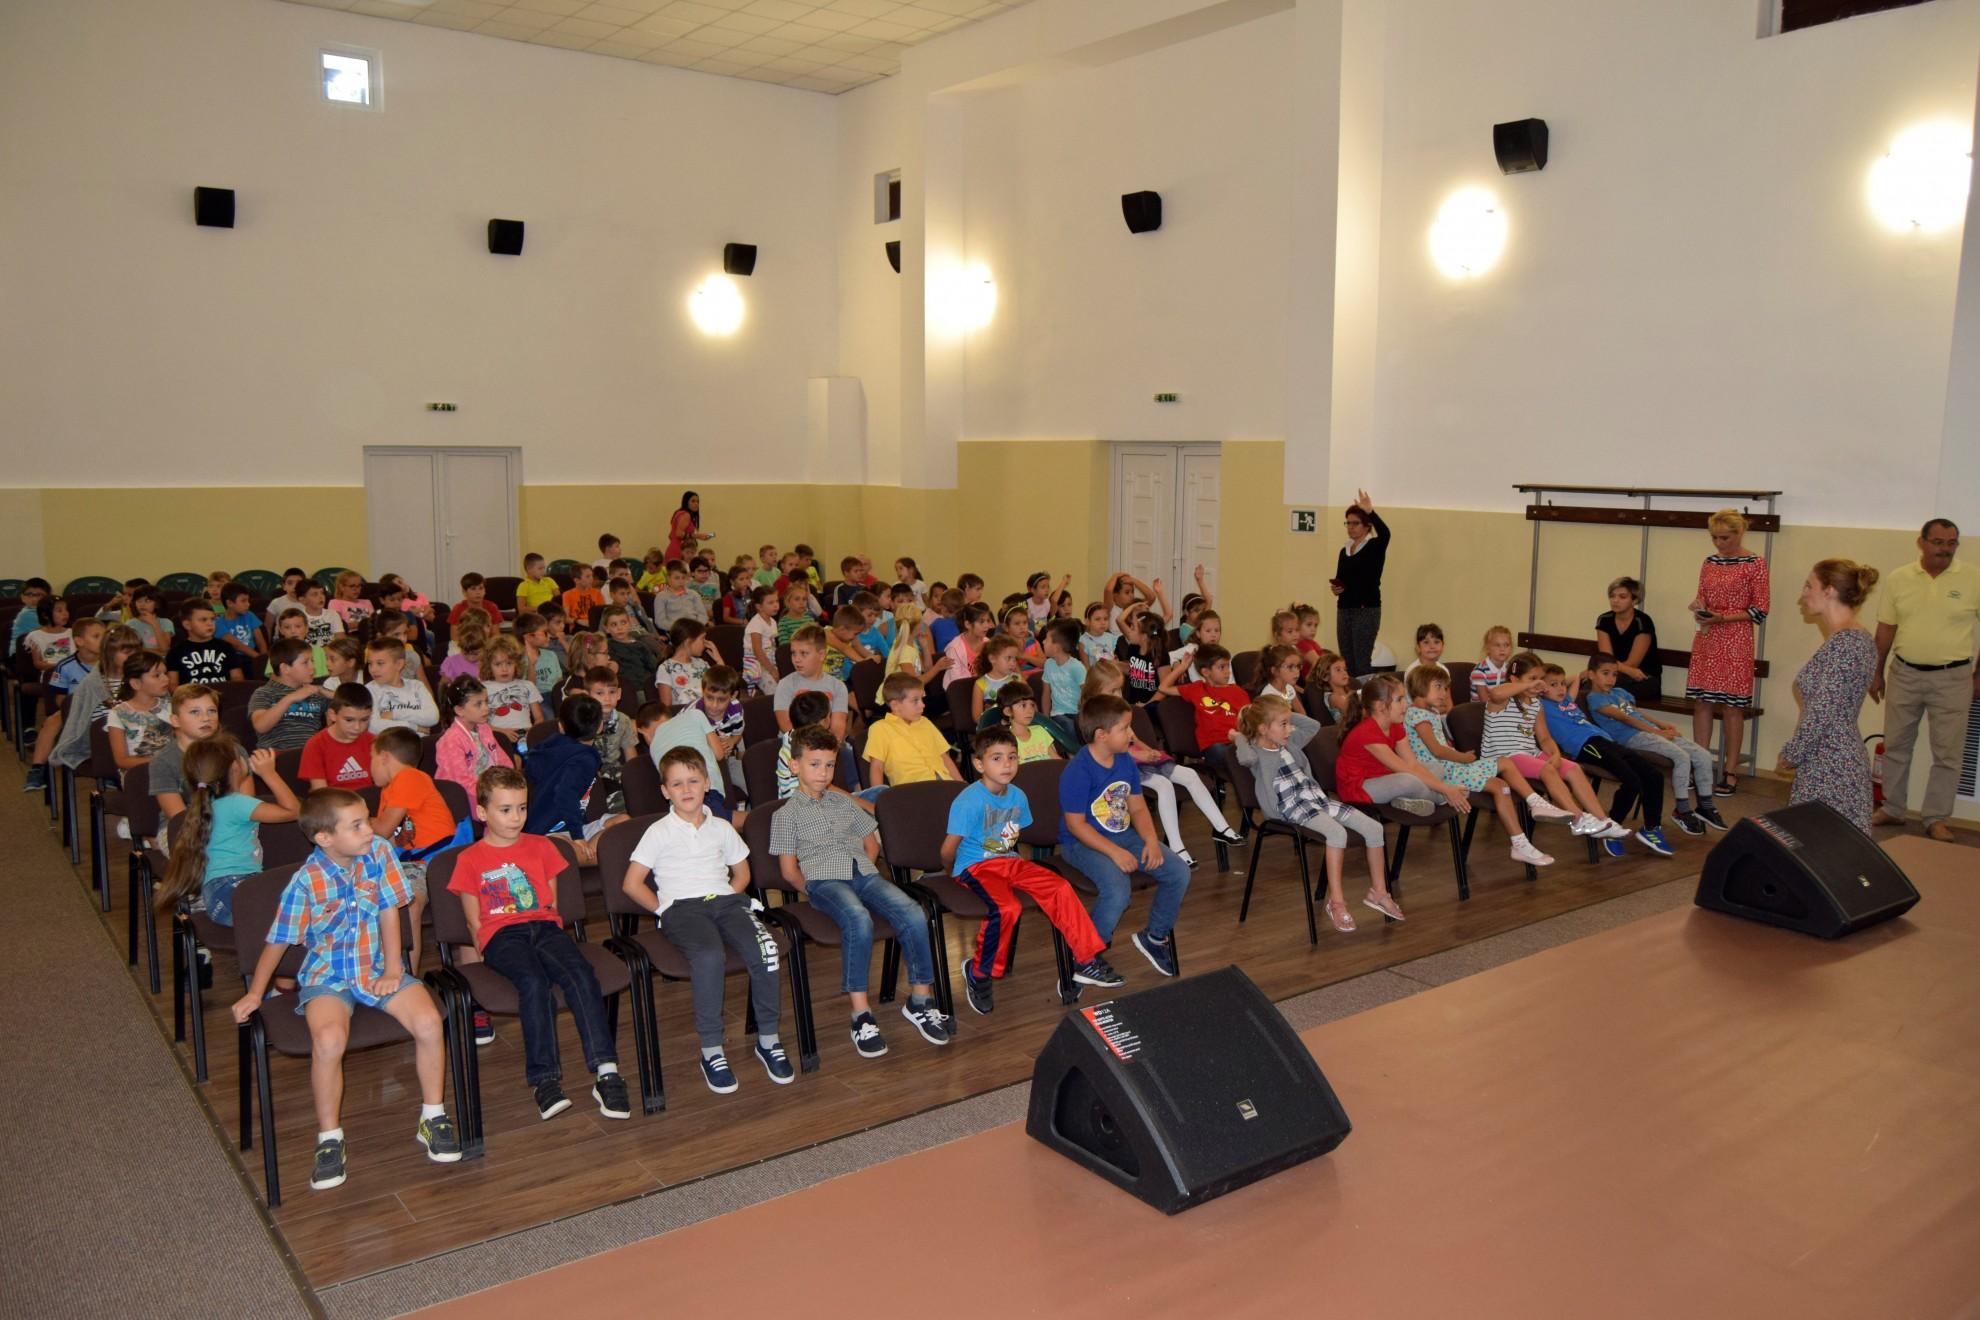 Municipalitatea lansează un proiect de educație cinematografică